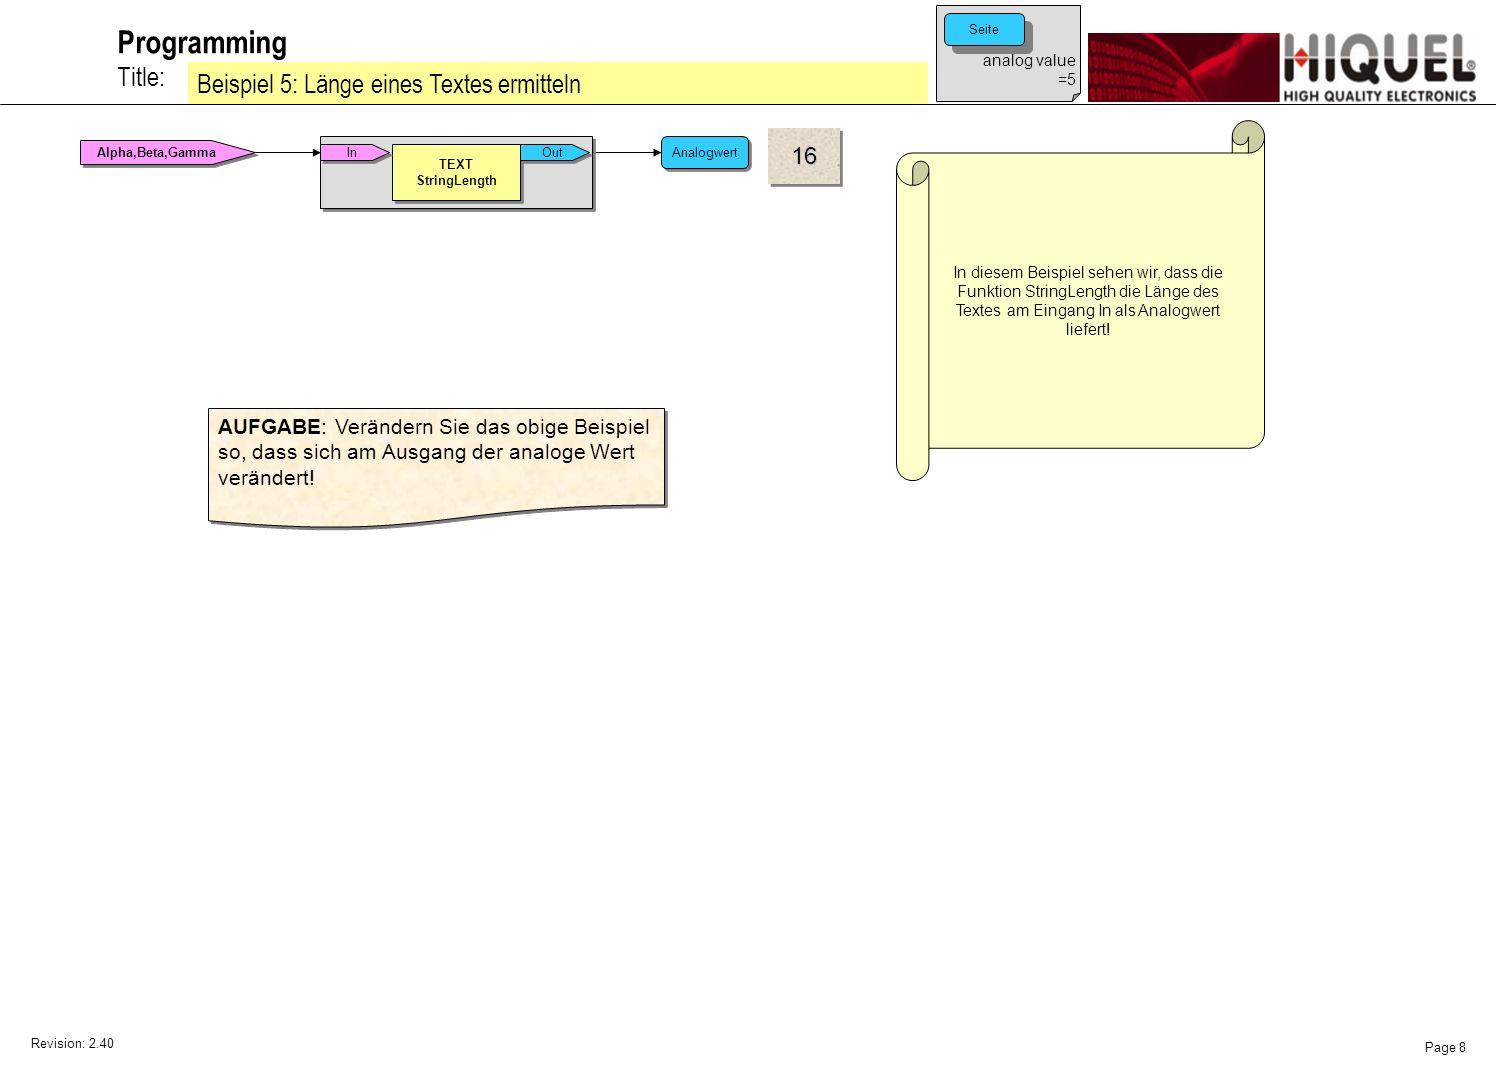 Revision: 2.40 Page 8 Title: Programming Beispiel 5: Länge eines Textes ermitteln In diesem Beispiel sehen wir, dass die Funktion StringLength die Länge des Textes am Eingang In als Analogwert liefert.